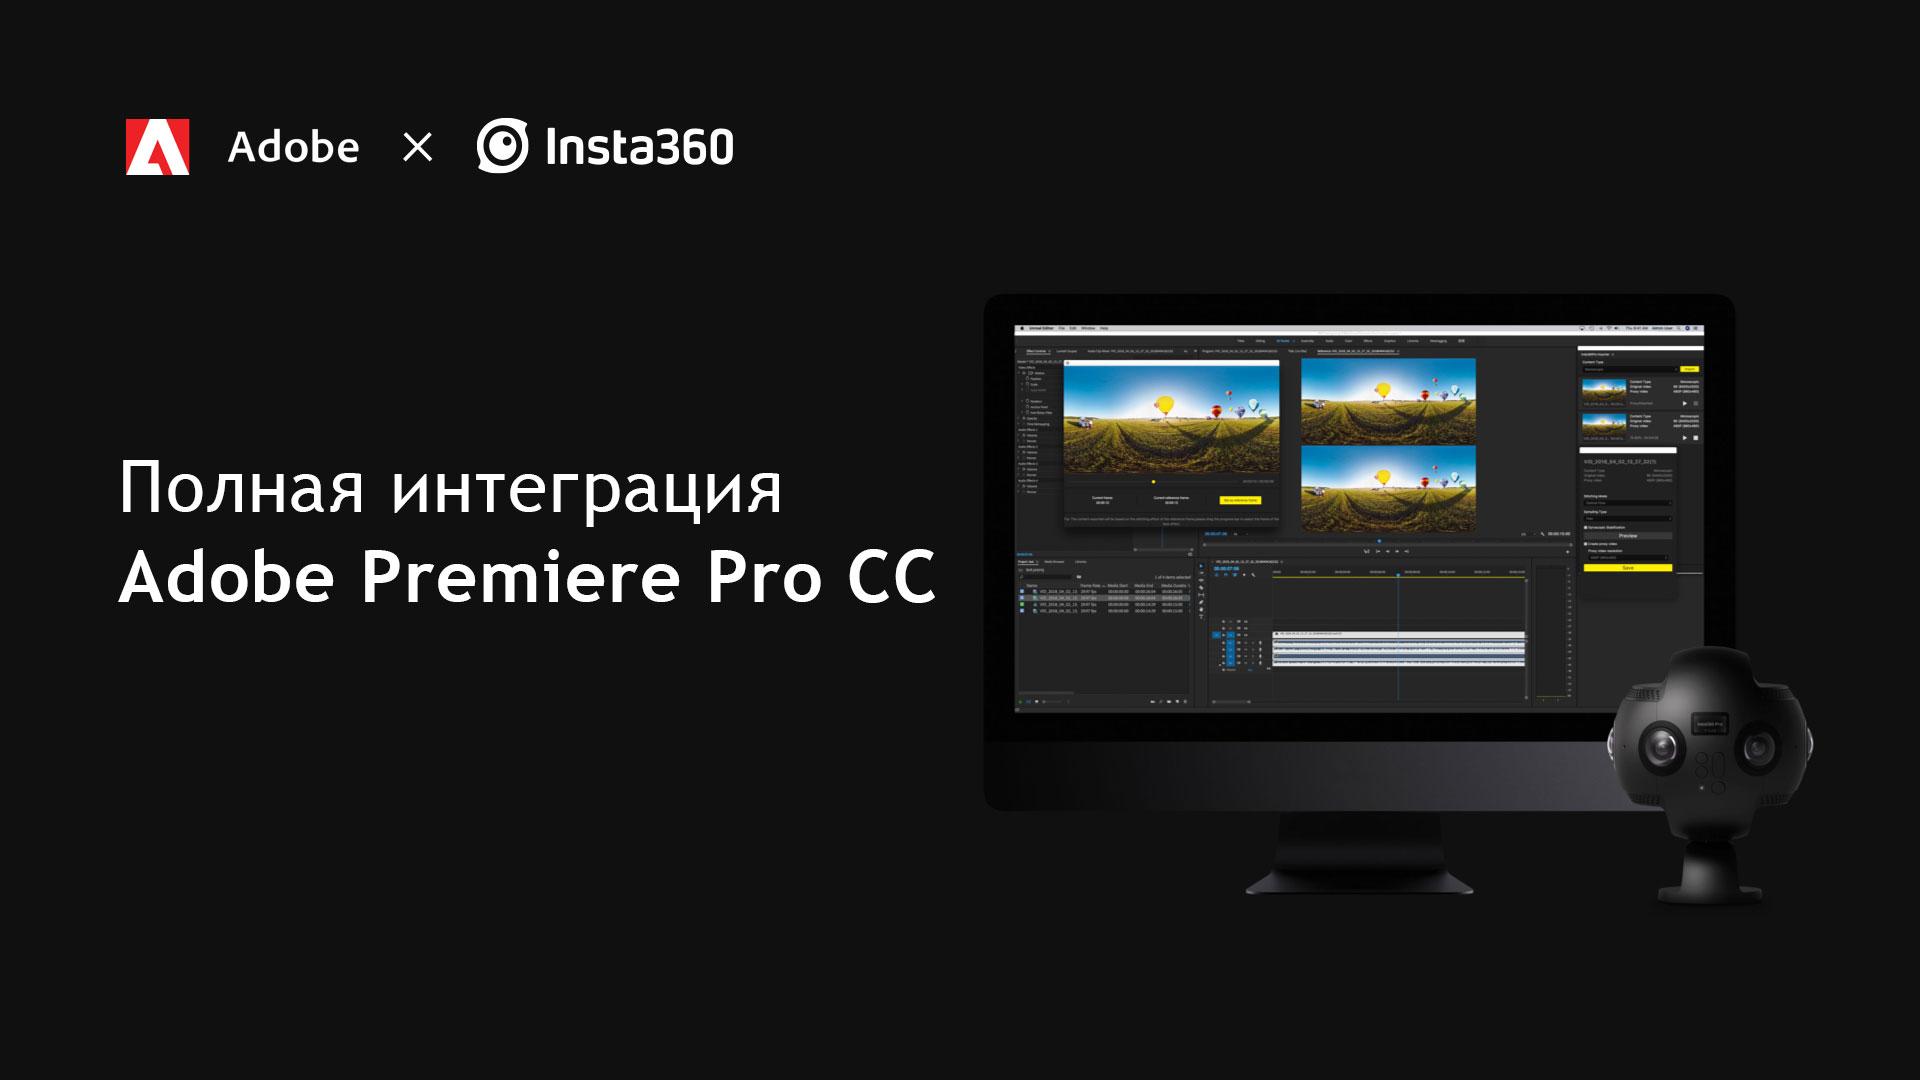 Объявлена поддержка камер Insta360 видеоредактором Adobe Premiere Pro CC